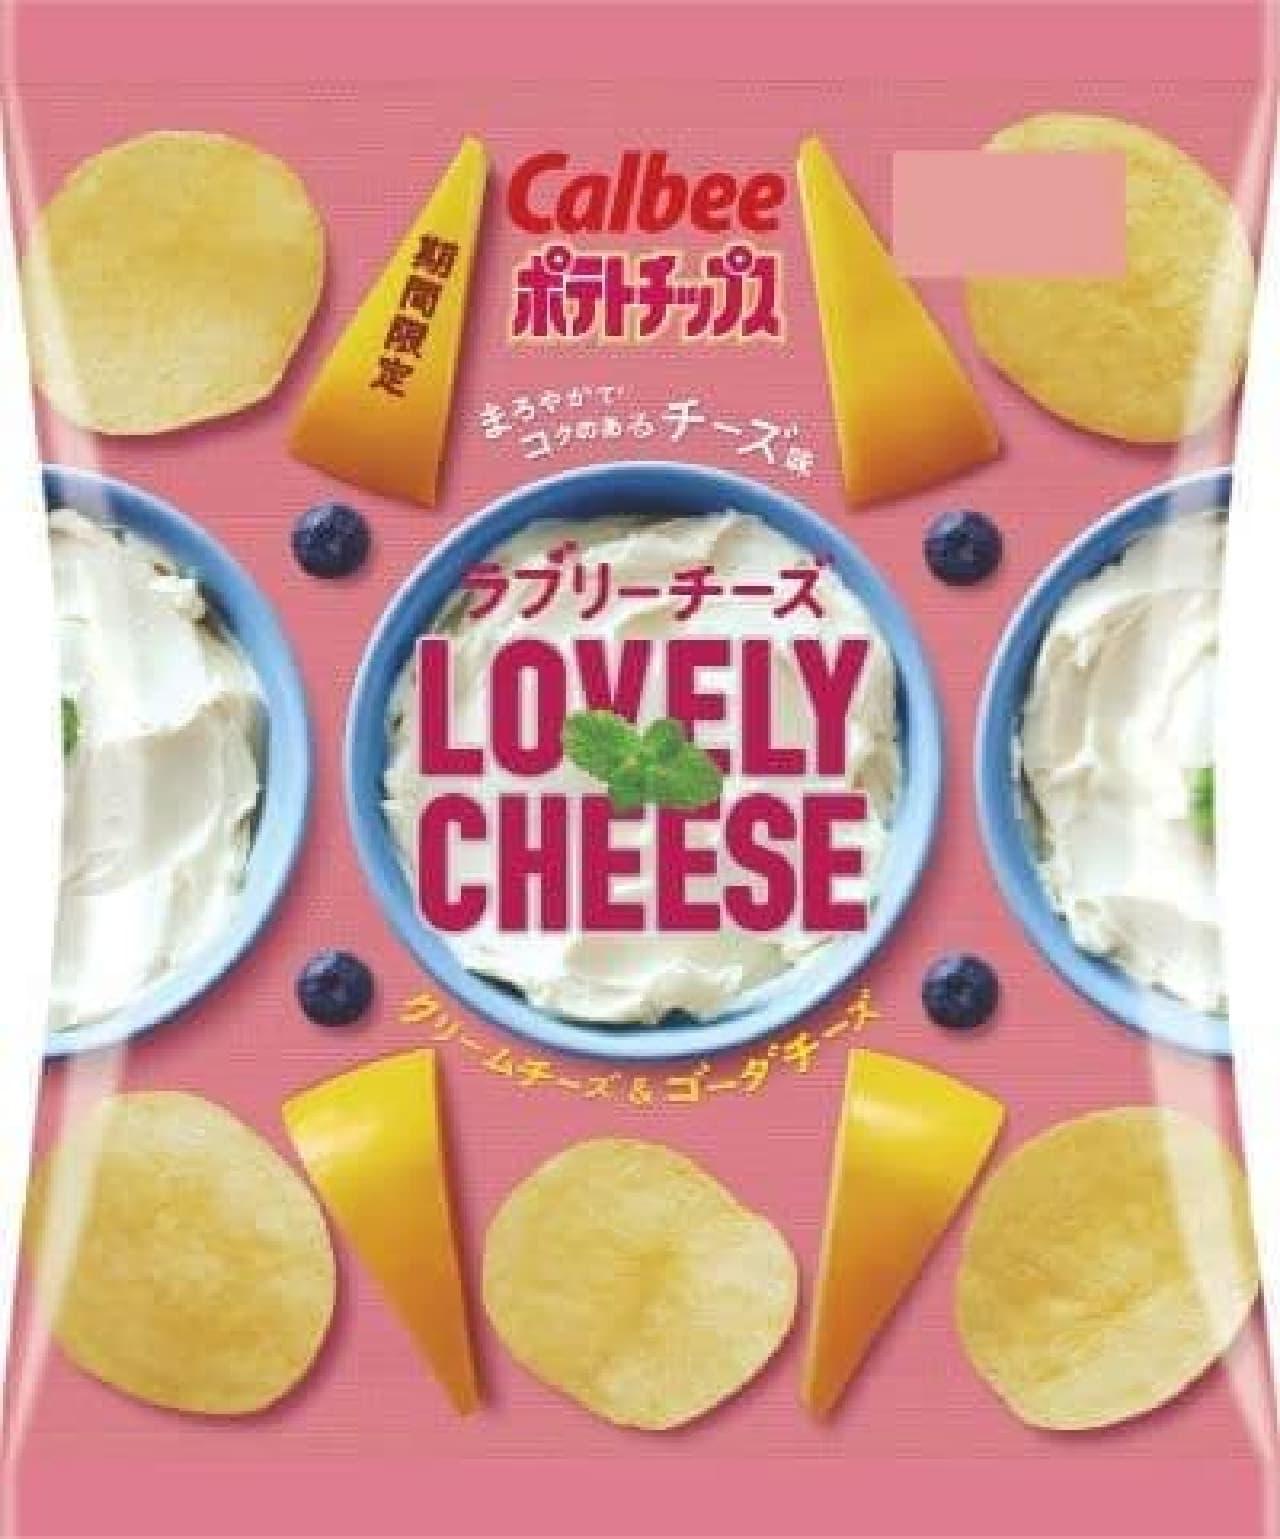 カルビー「ポテトチップス ラブリーチーズ」